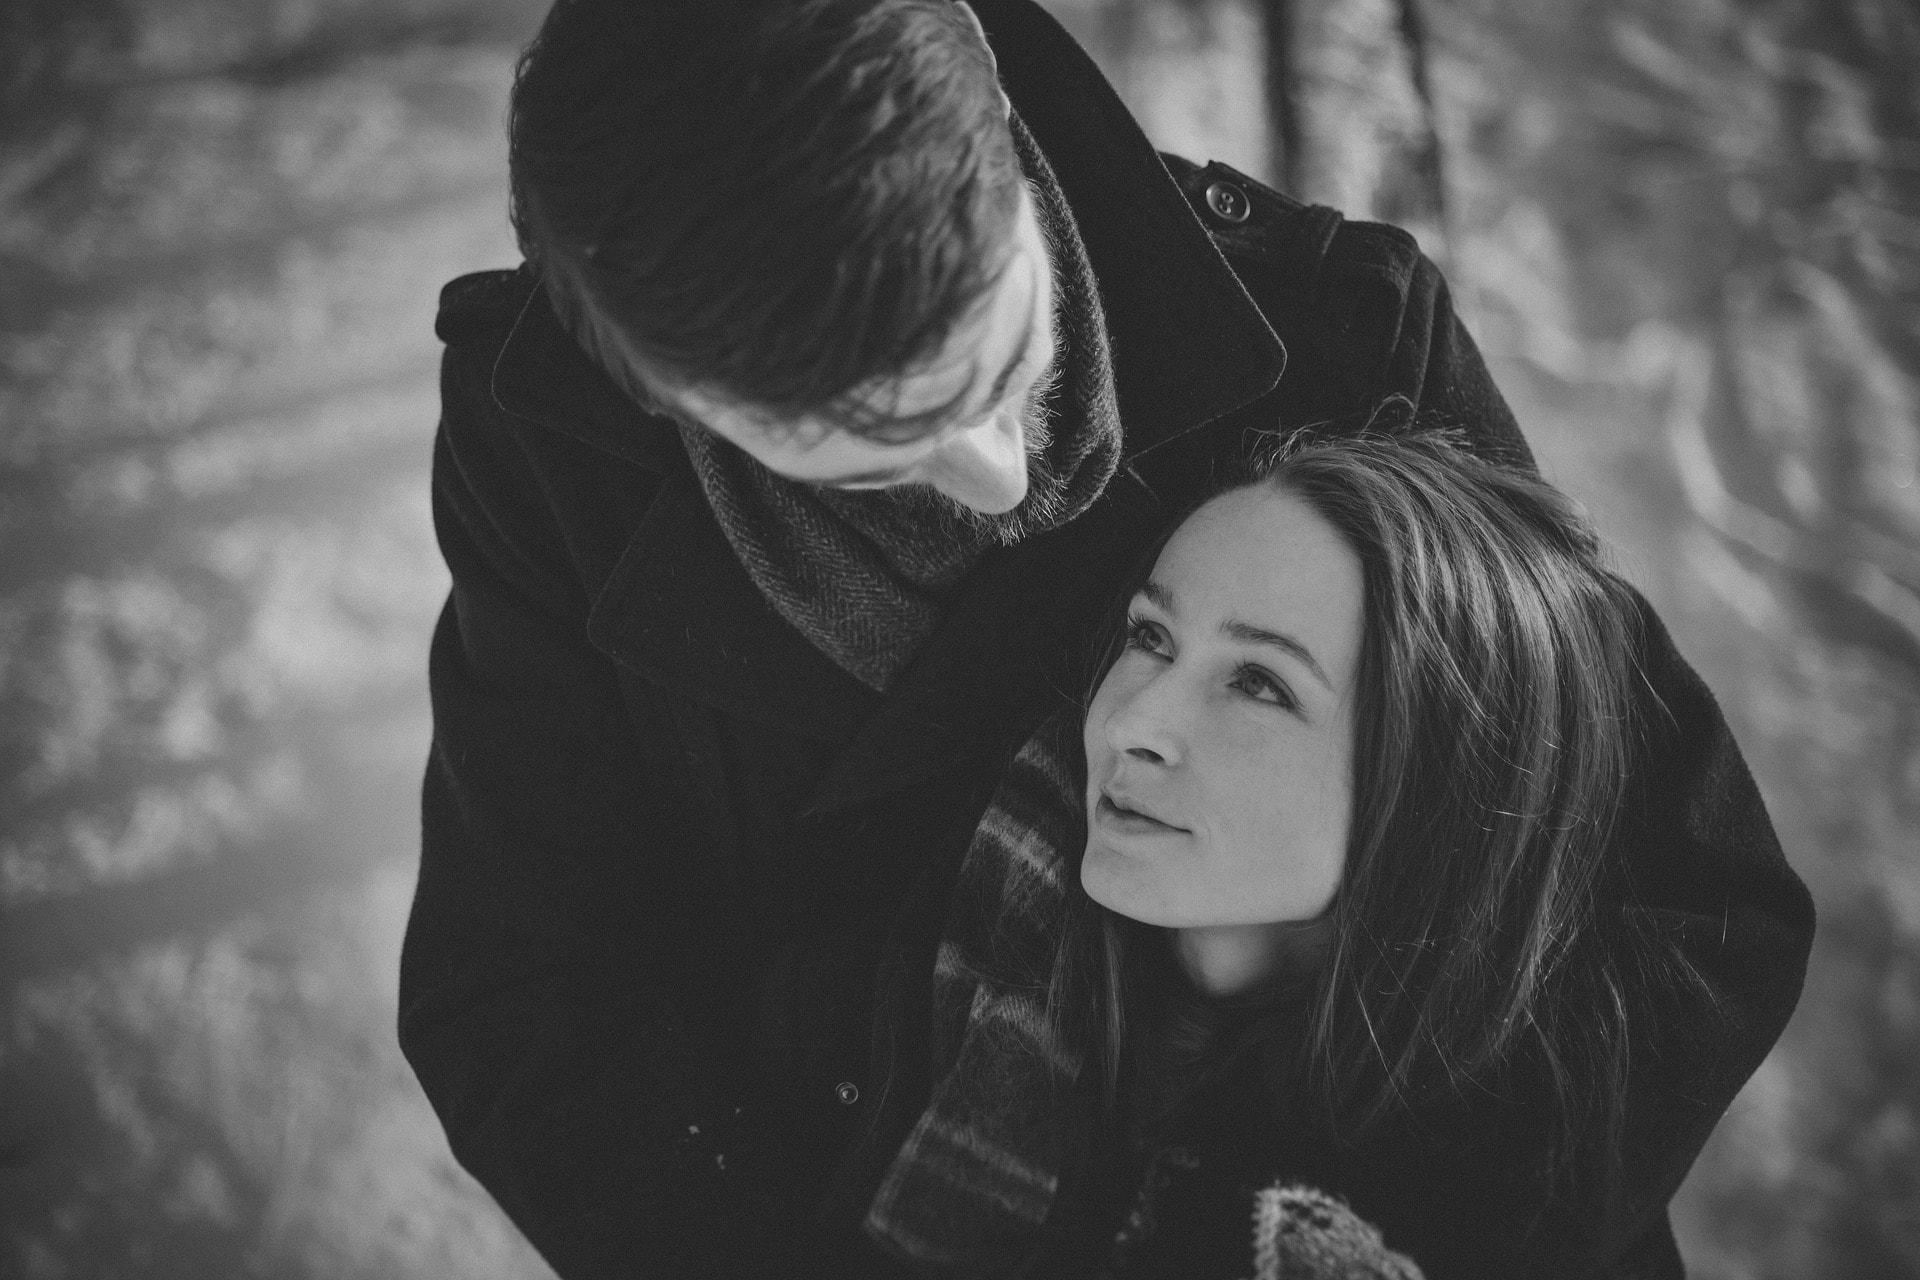 В начале общения романтические приключения находятся на высшей стадии